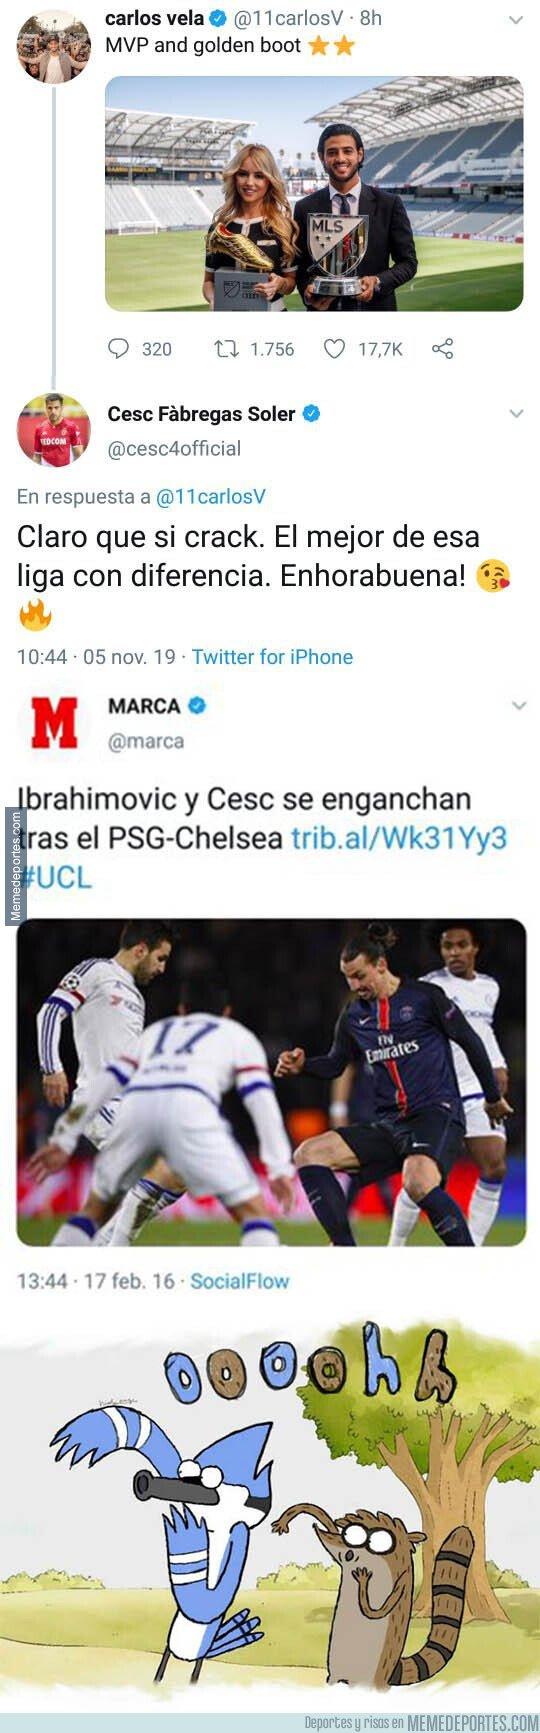 1090113 - Carlos Vela es elegido el MVP de la MLS y Cesc Fábregas aprovecha para lanzarle un dardo indirectamente a Zlatan Ibrahimovic